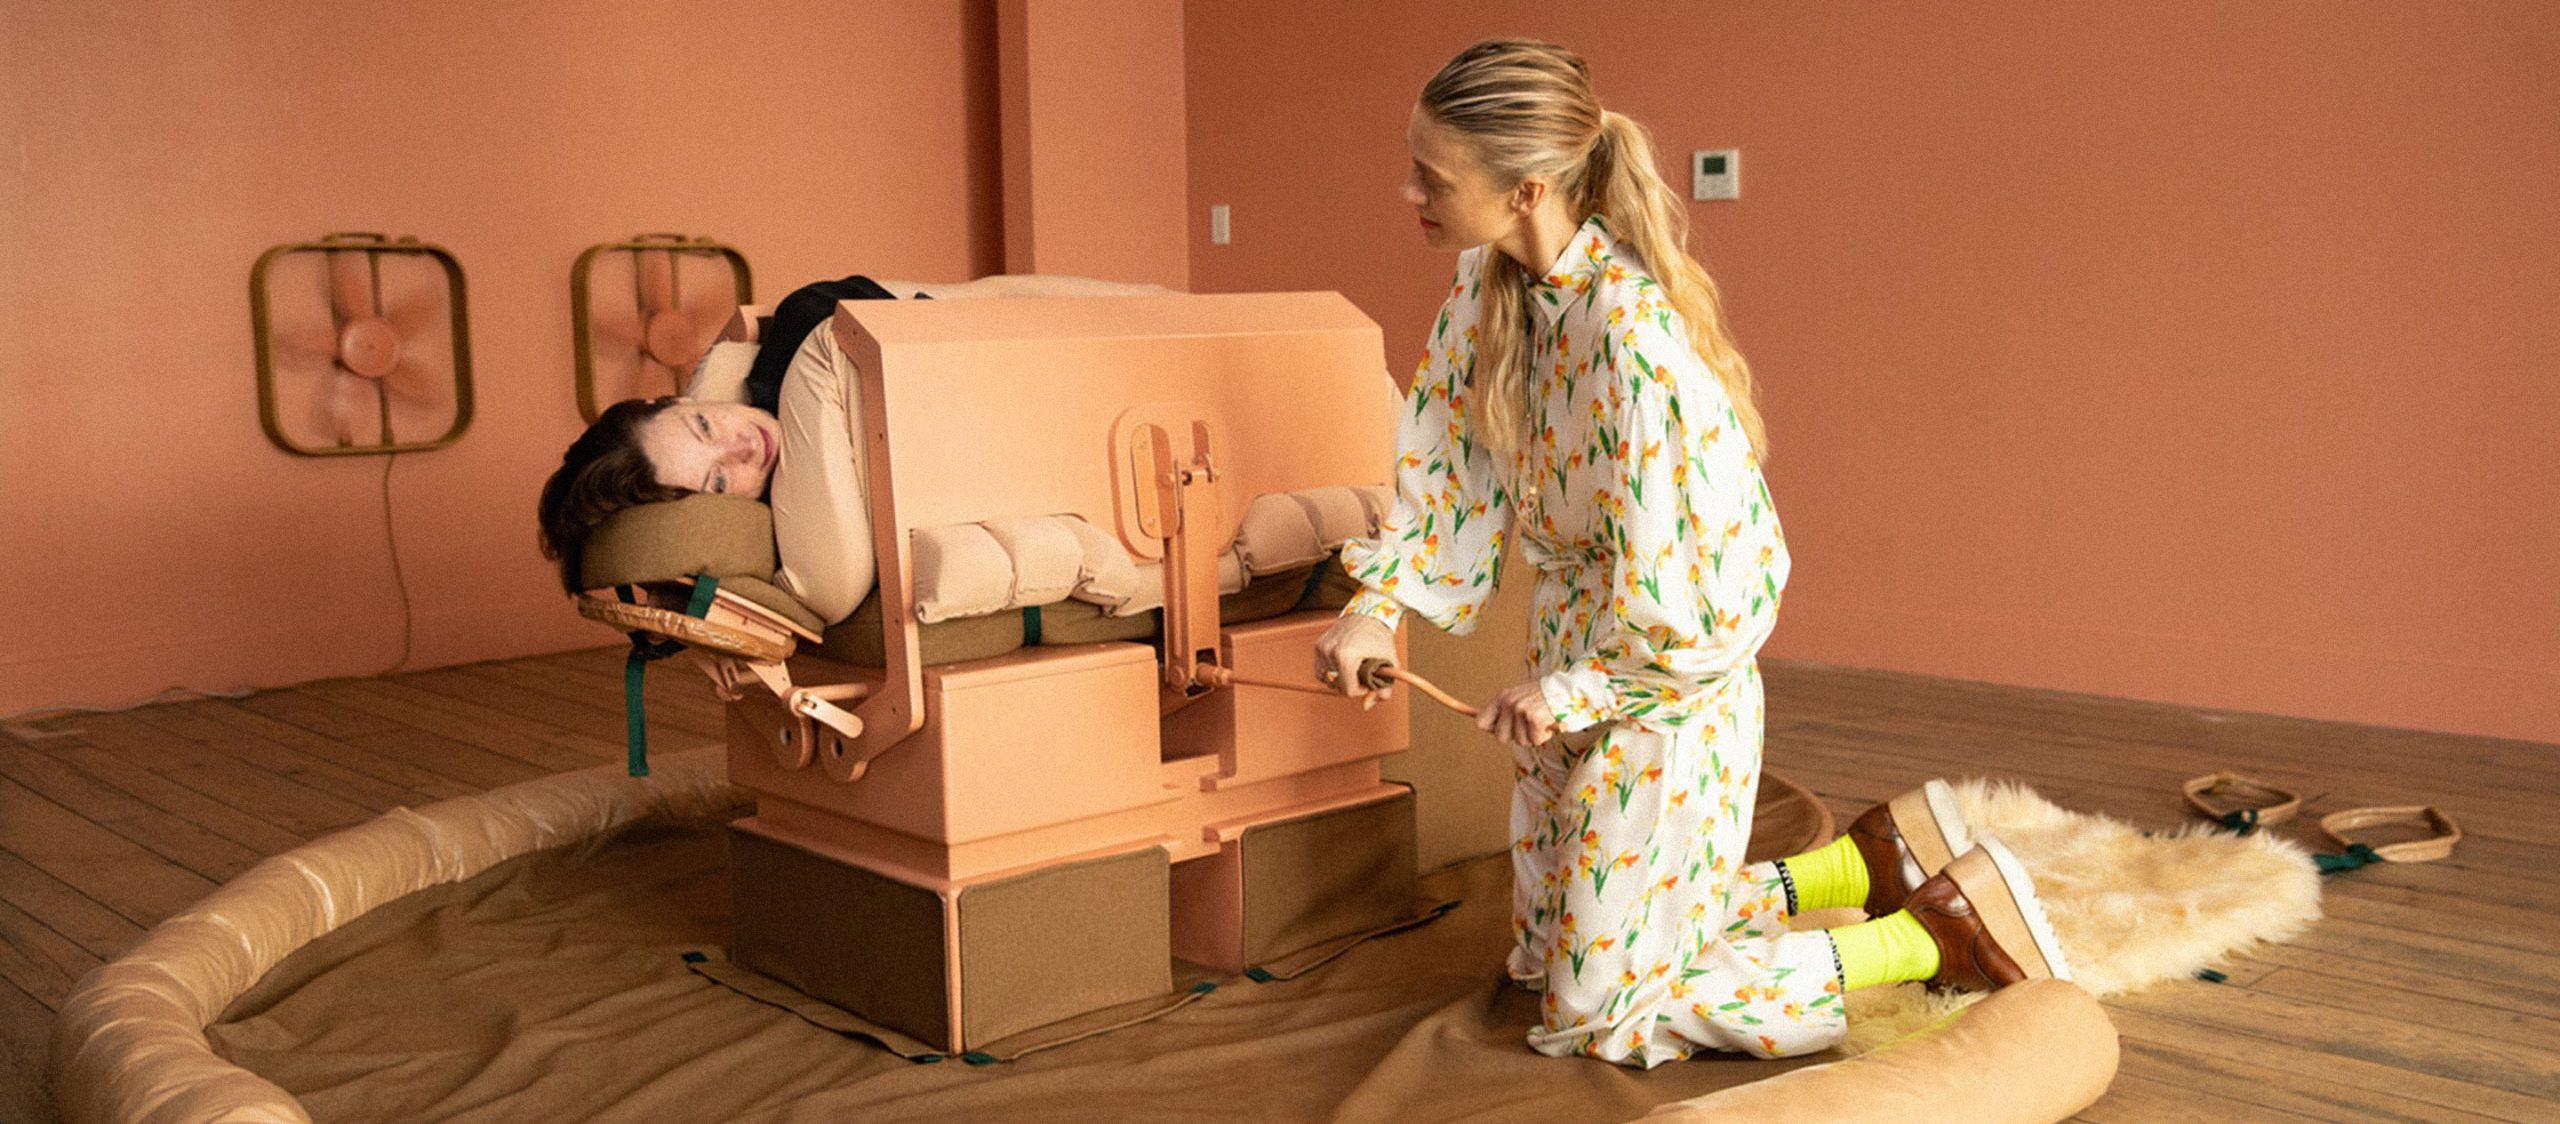 เตียงกอดได้ ชุดกอดทางไกล และโทรศัพท์เลียหู เมื่องานศิลปะกอดเราได้เหมือนมนุษย์?